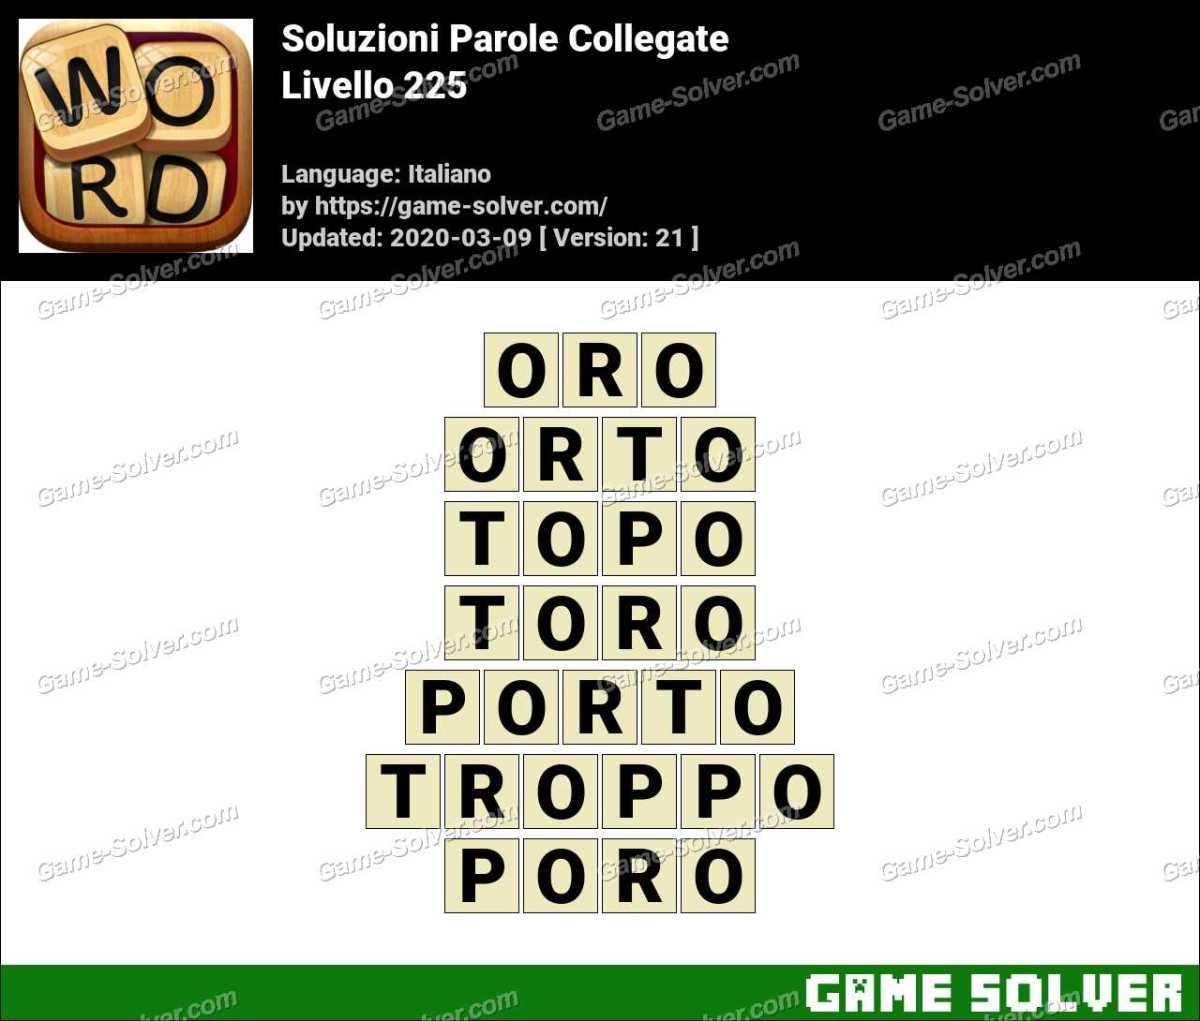 Soluzioni Parole Collegate Livello 225